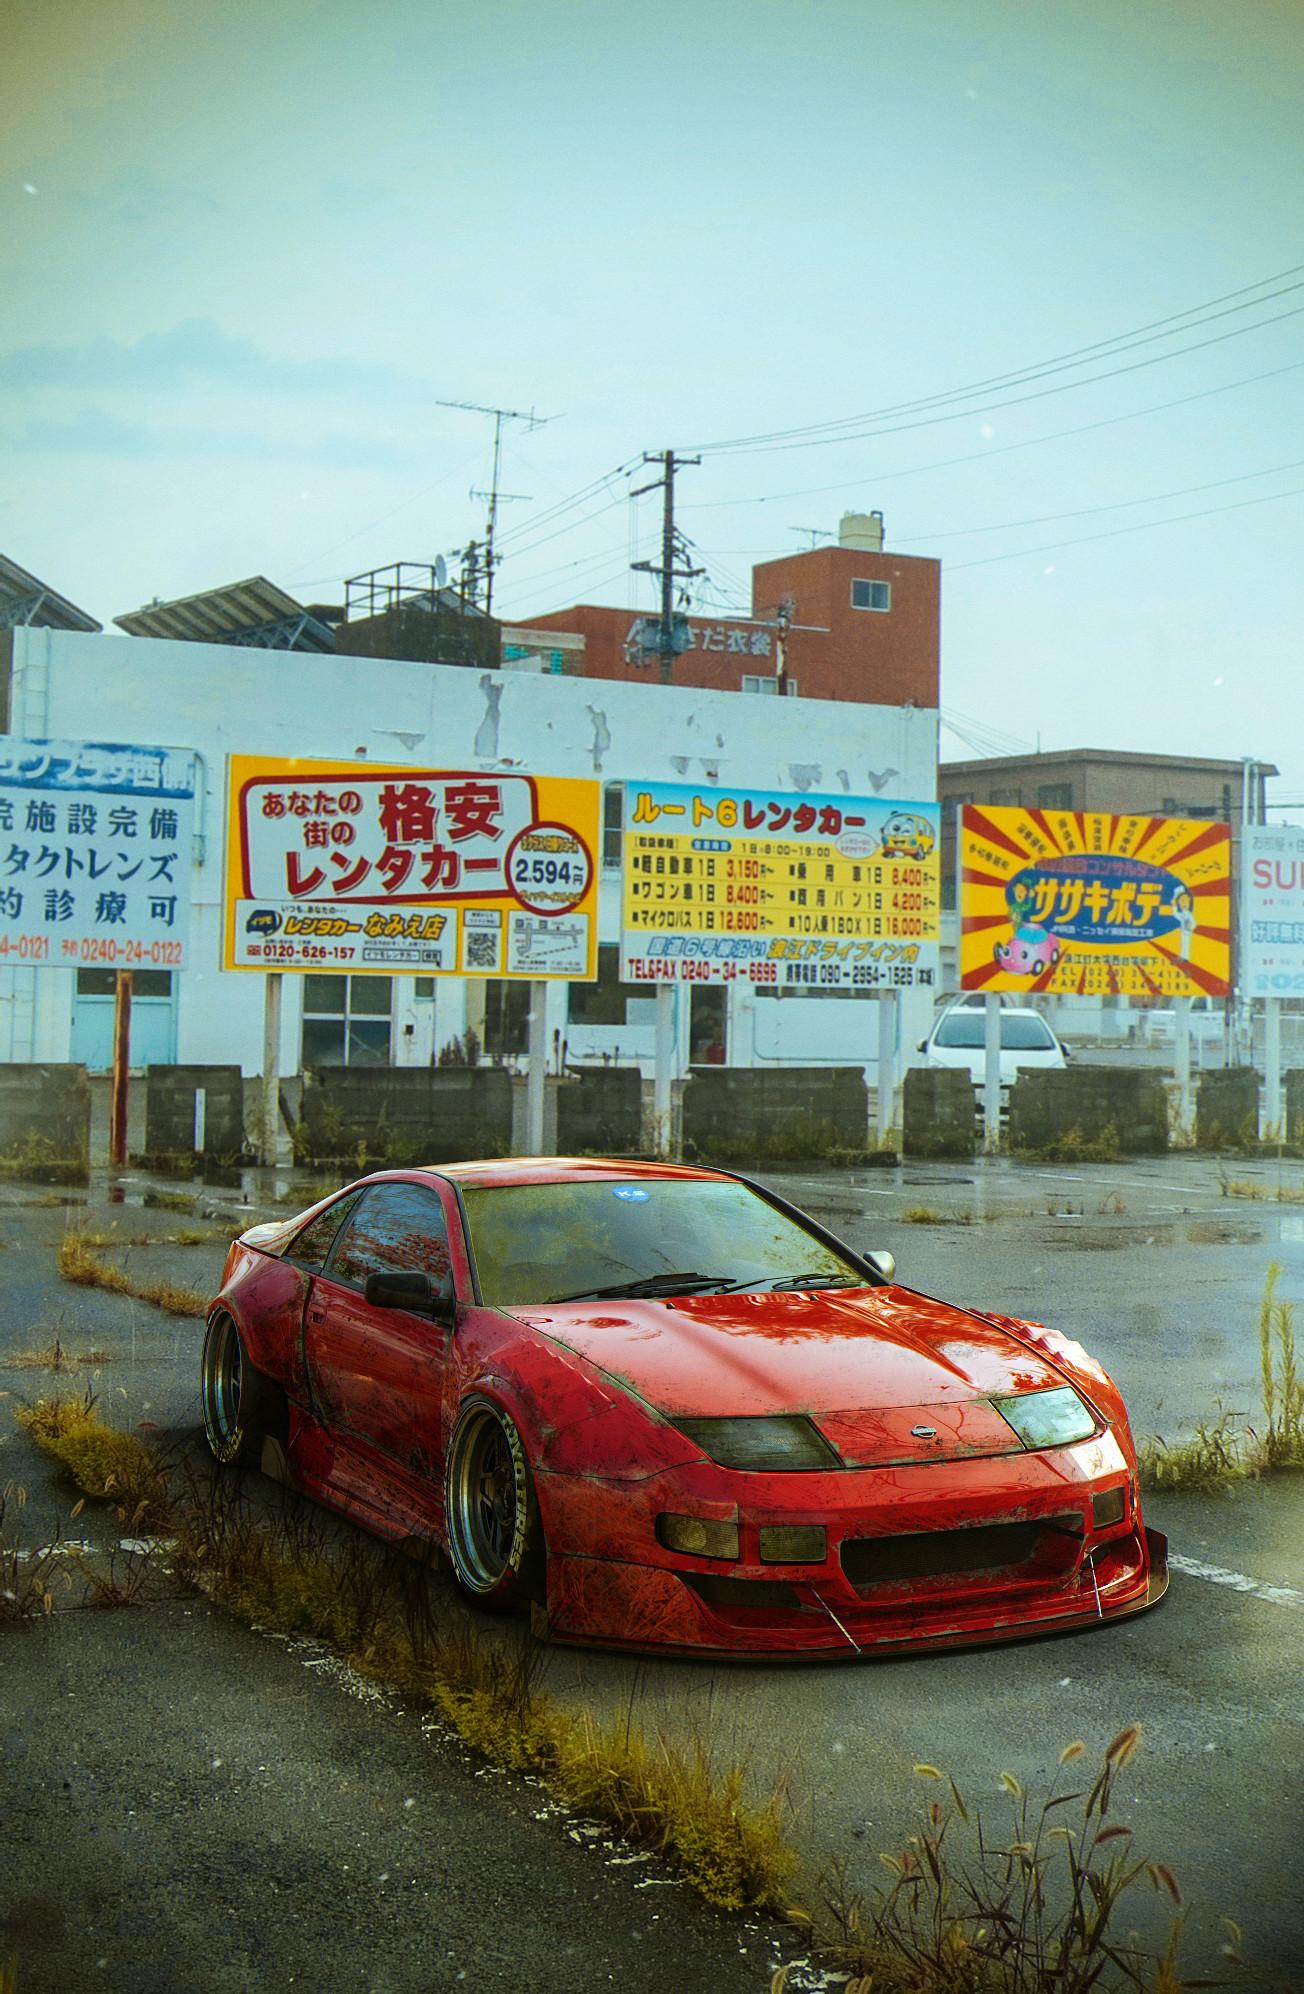 Khyzyl saleem pakmanz fukushima low